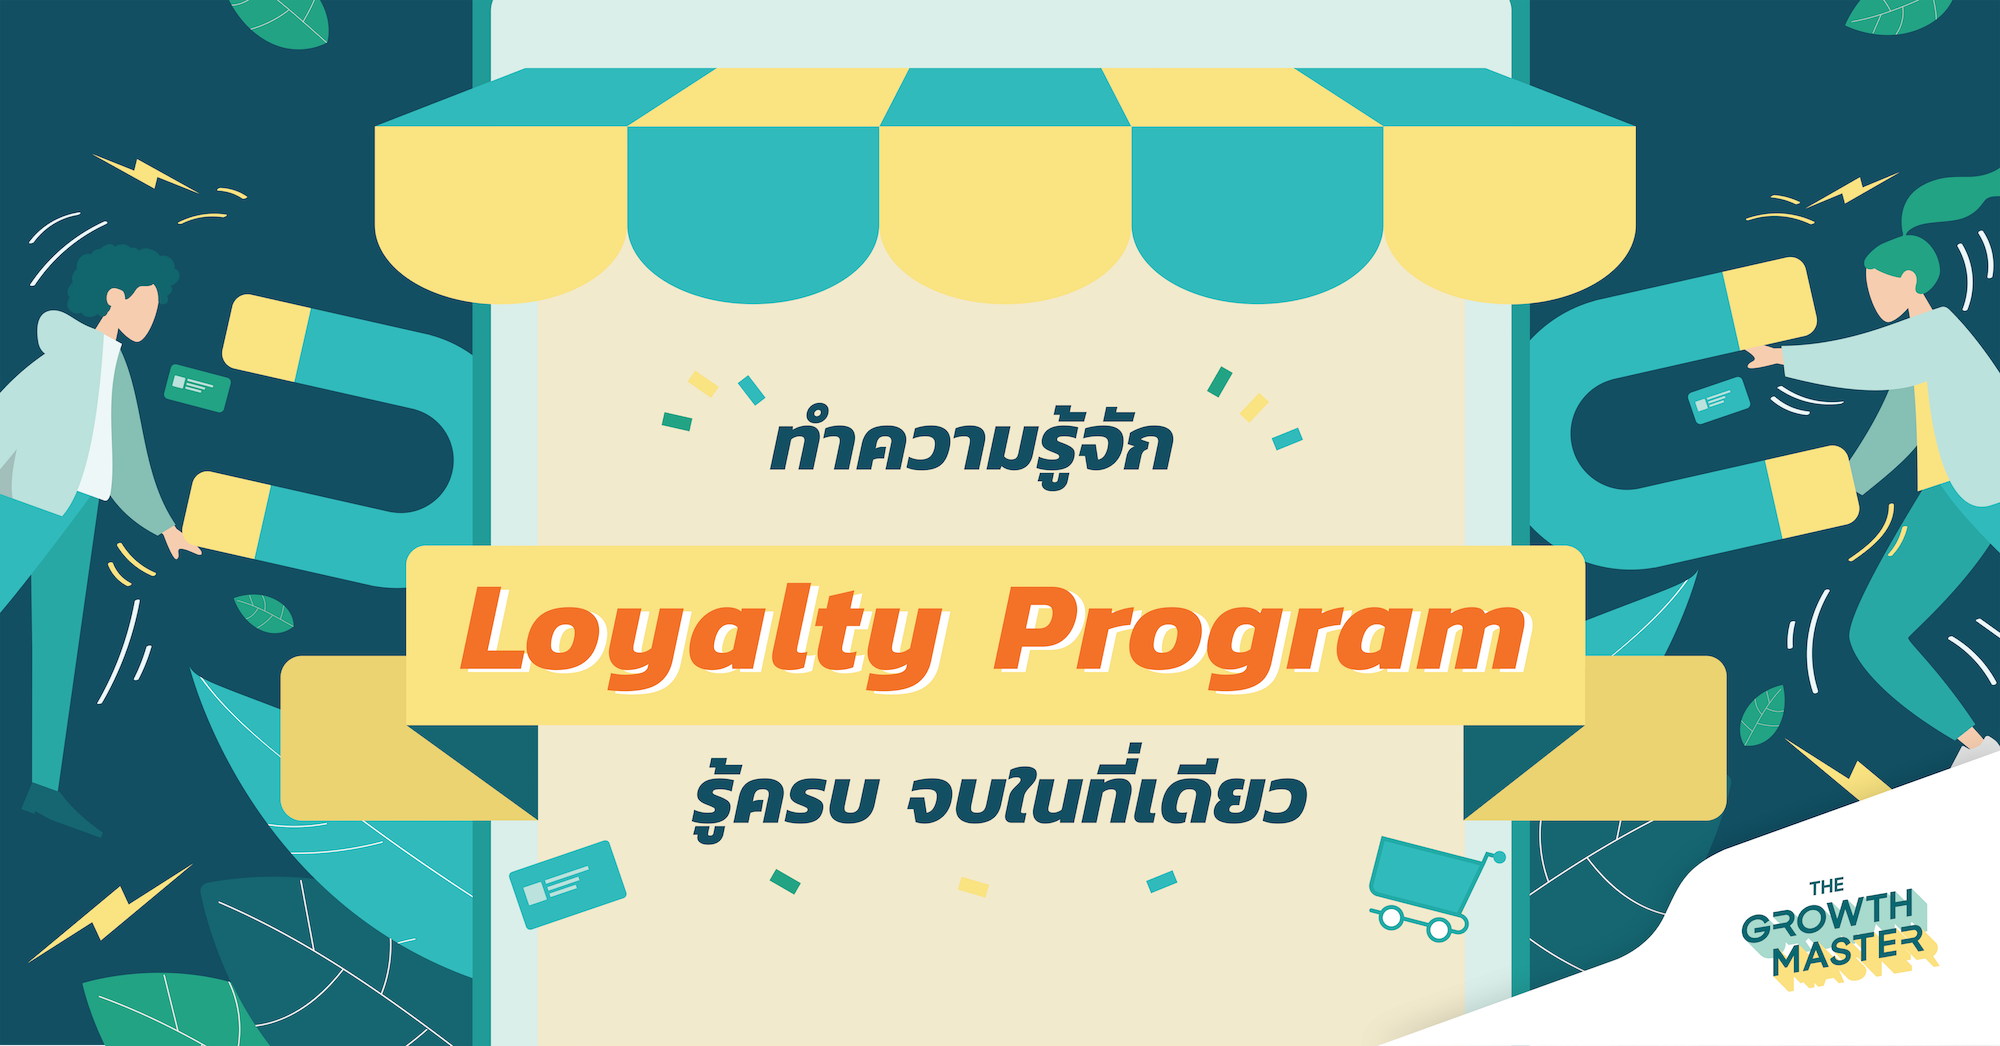 ทำความรู้จัก Loyalty Program รู้ครบจบในที่เดียว